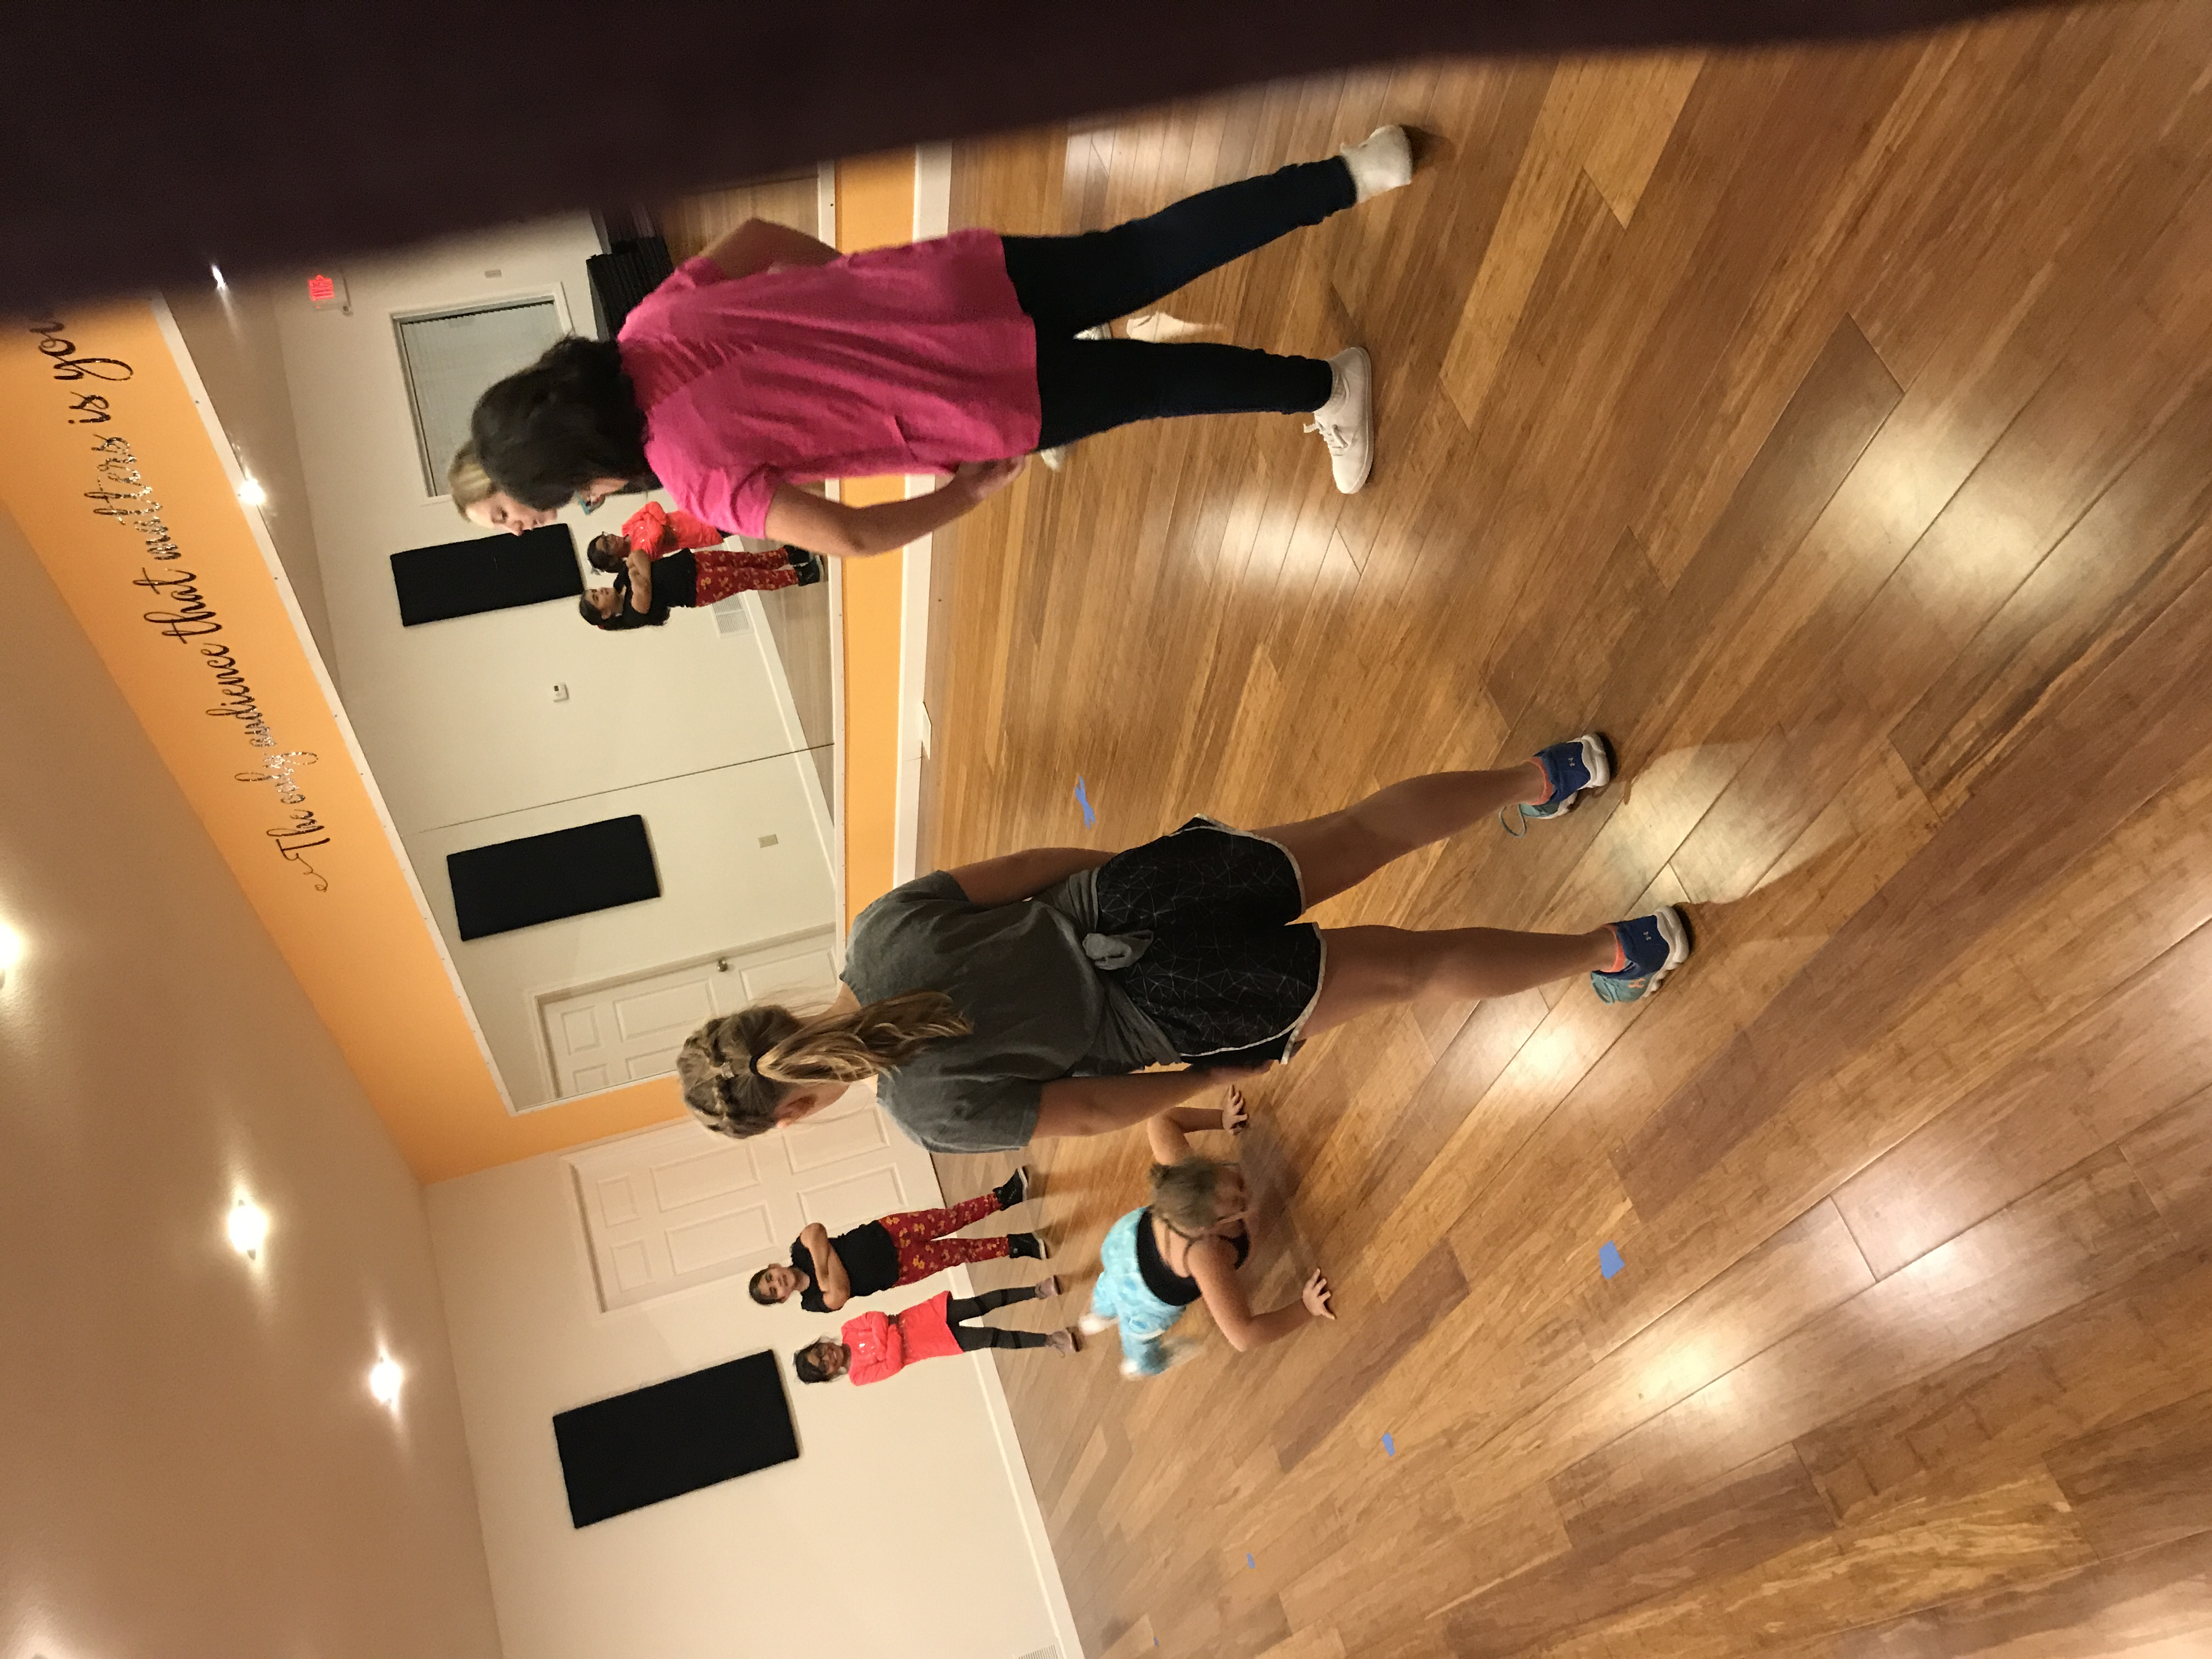 Hip Hop 1 dance battles